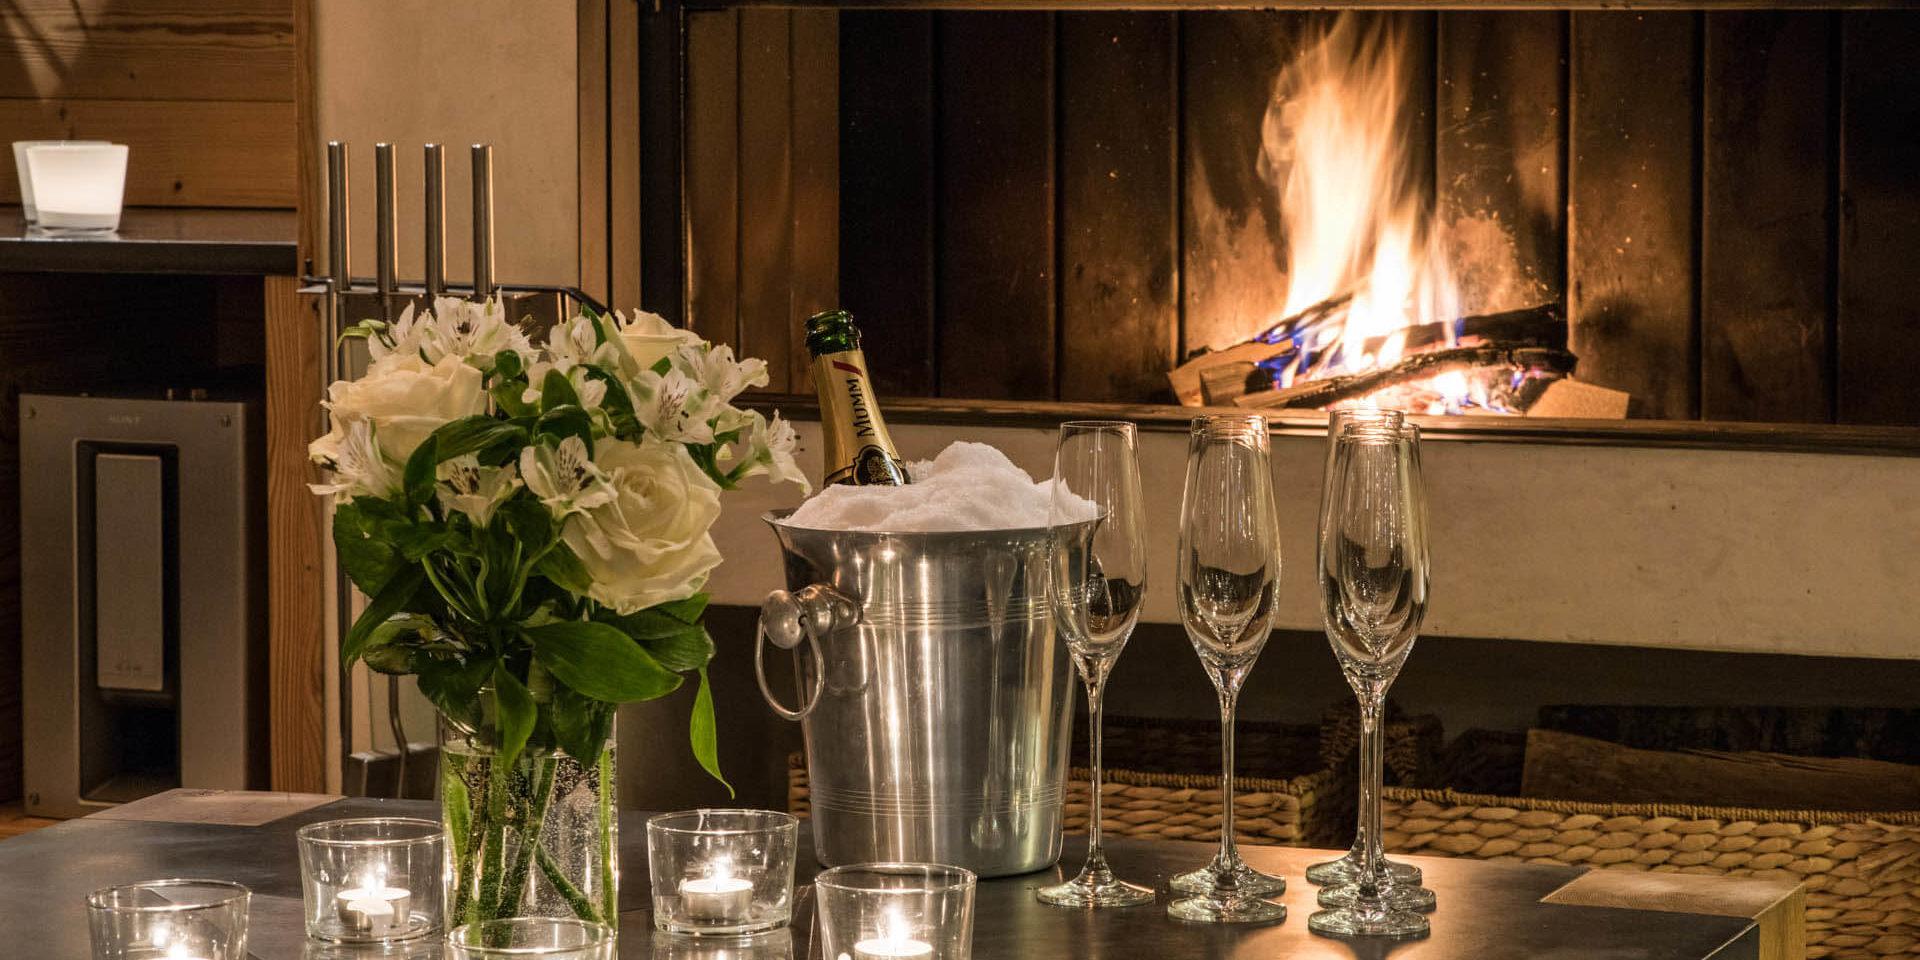 Chalet Rock Verbier Les 4 Vallees Zwitserland wintersport skivakantie luxe open haard knisperend haardvuur Champagne glazen bloemen sfeer